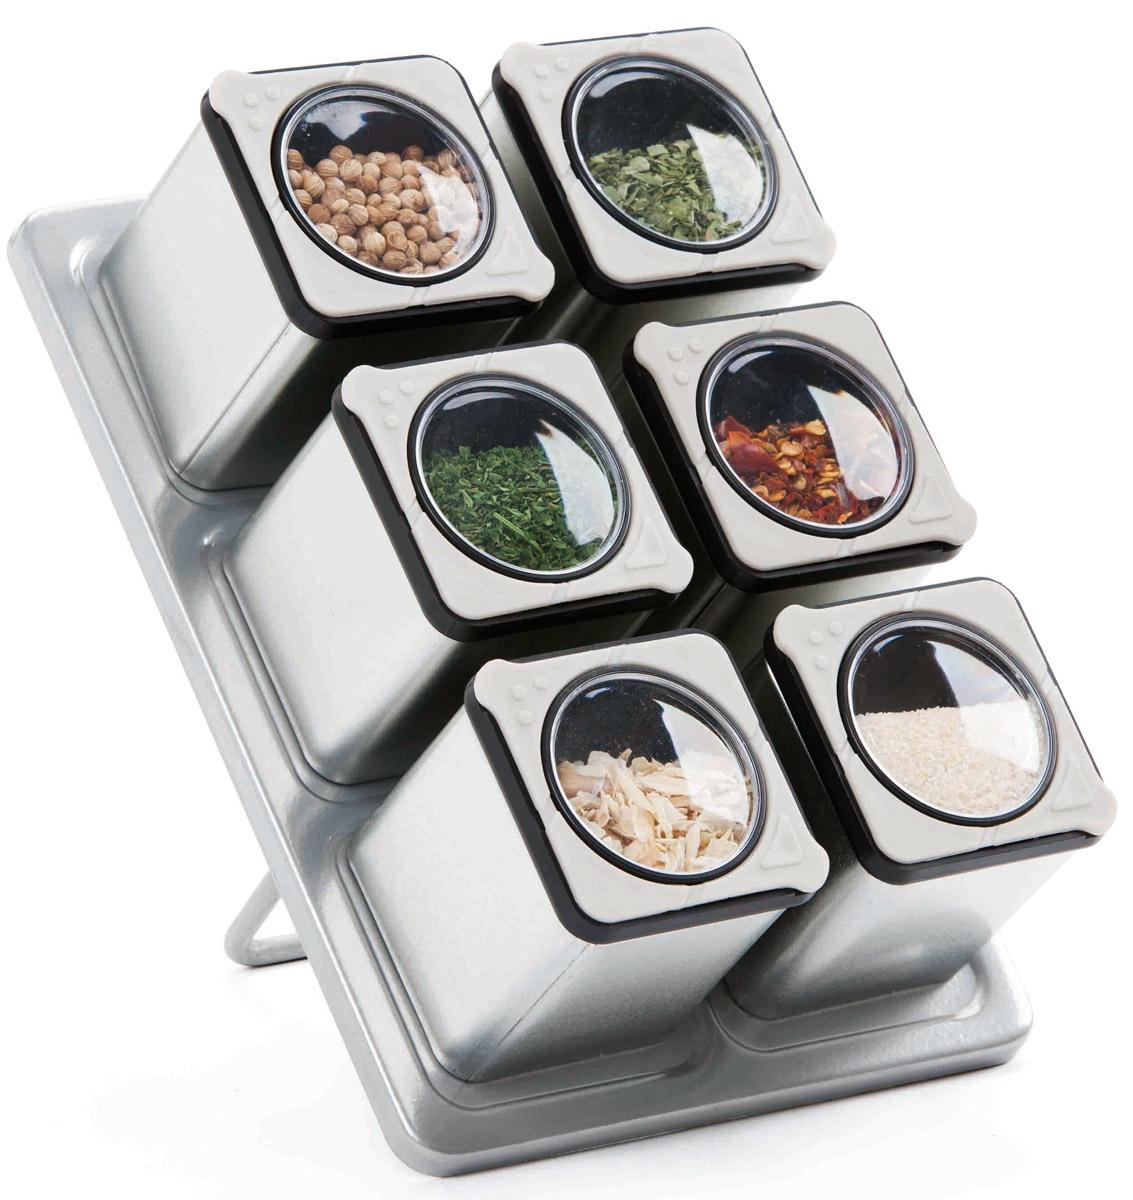 Набор для специй с магнитной подставкой SinoGlass, 6 предметов867920006pcs Tin Spice Jar rack set with magnet